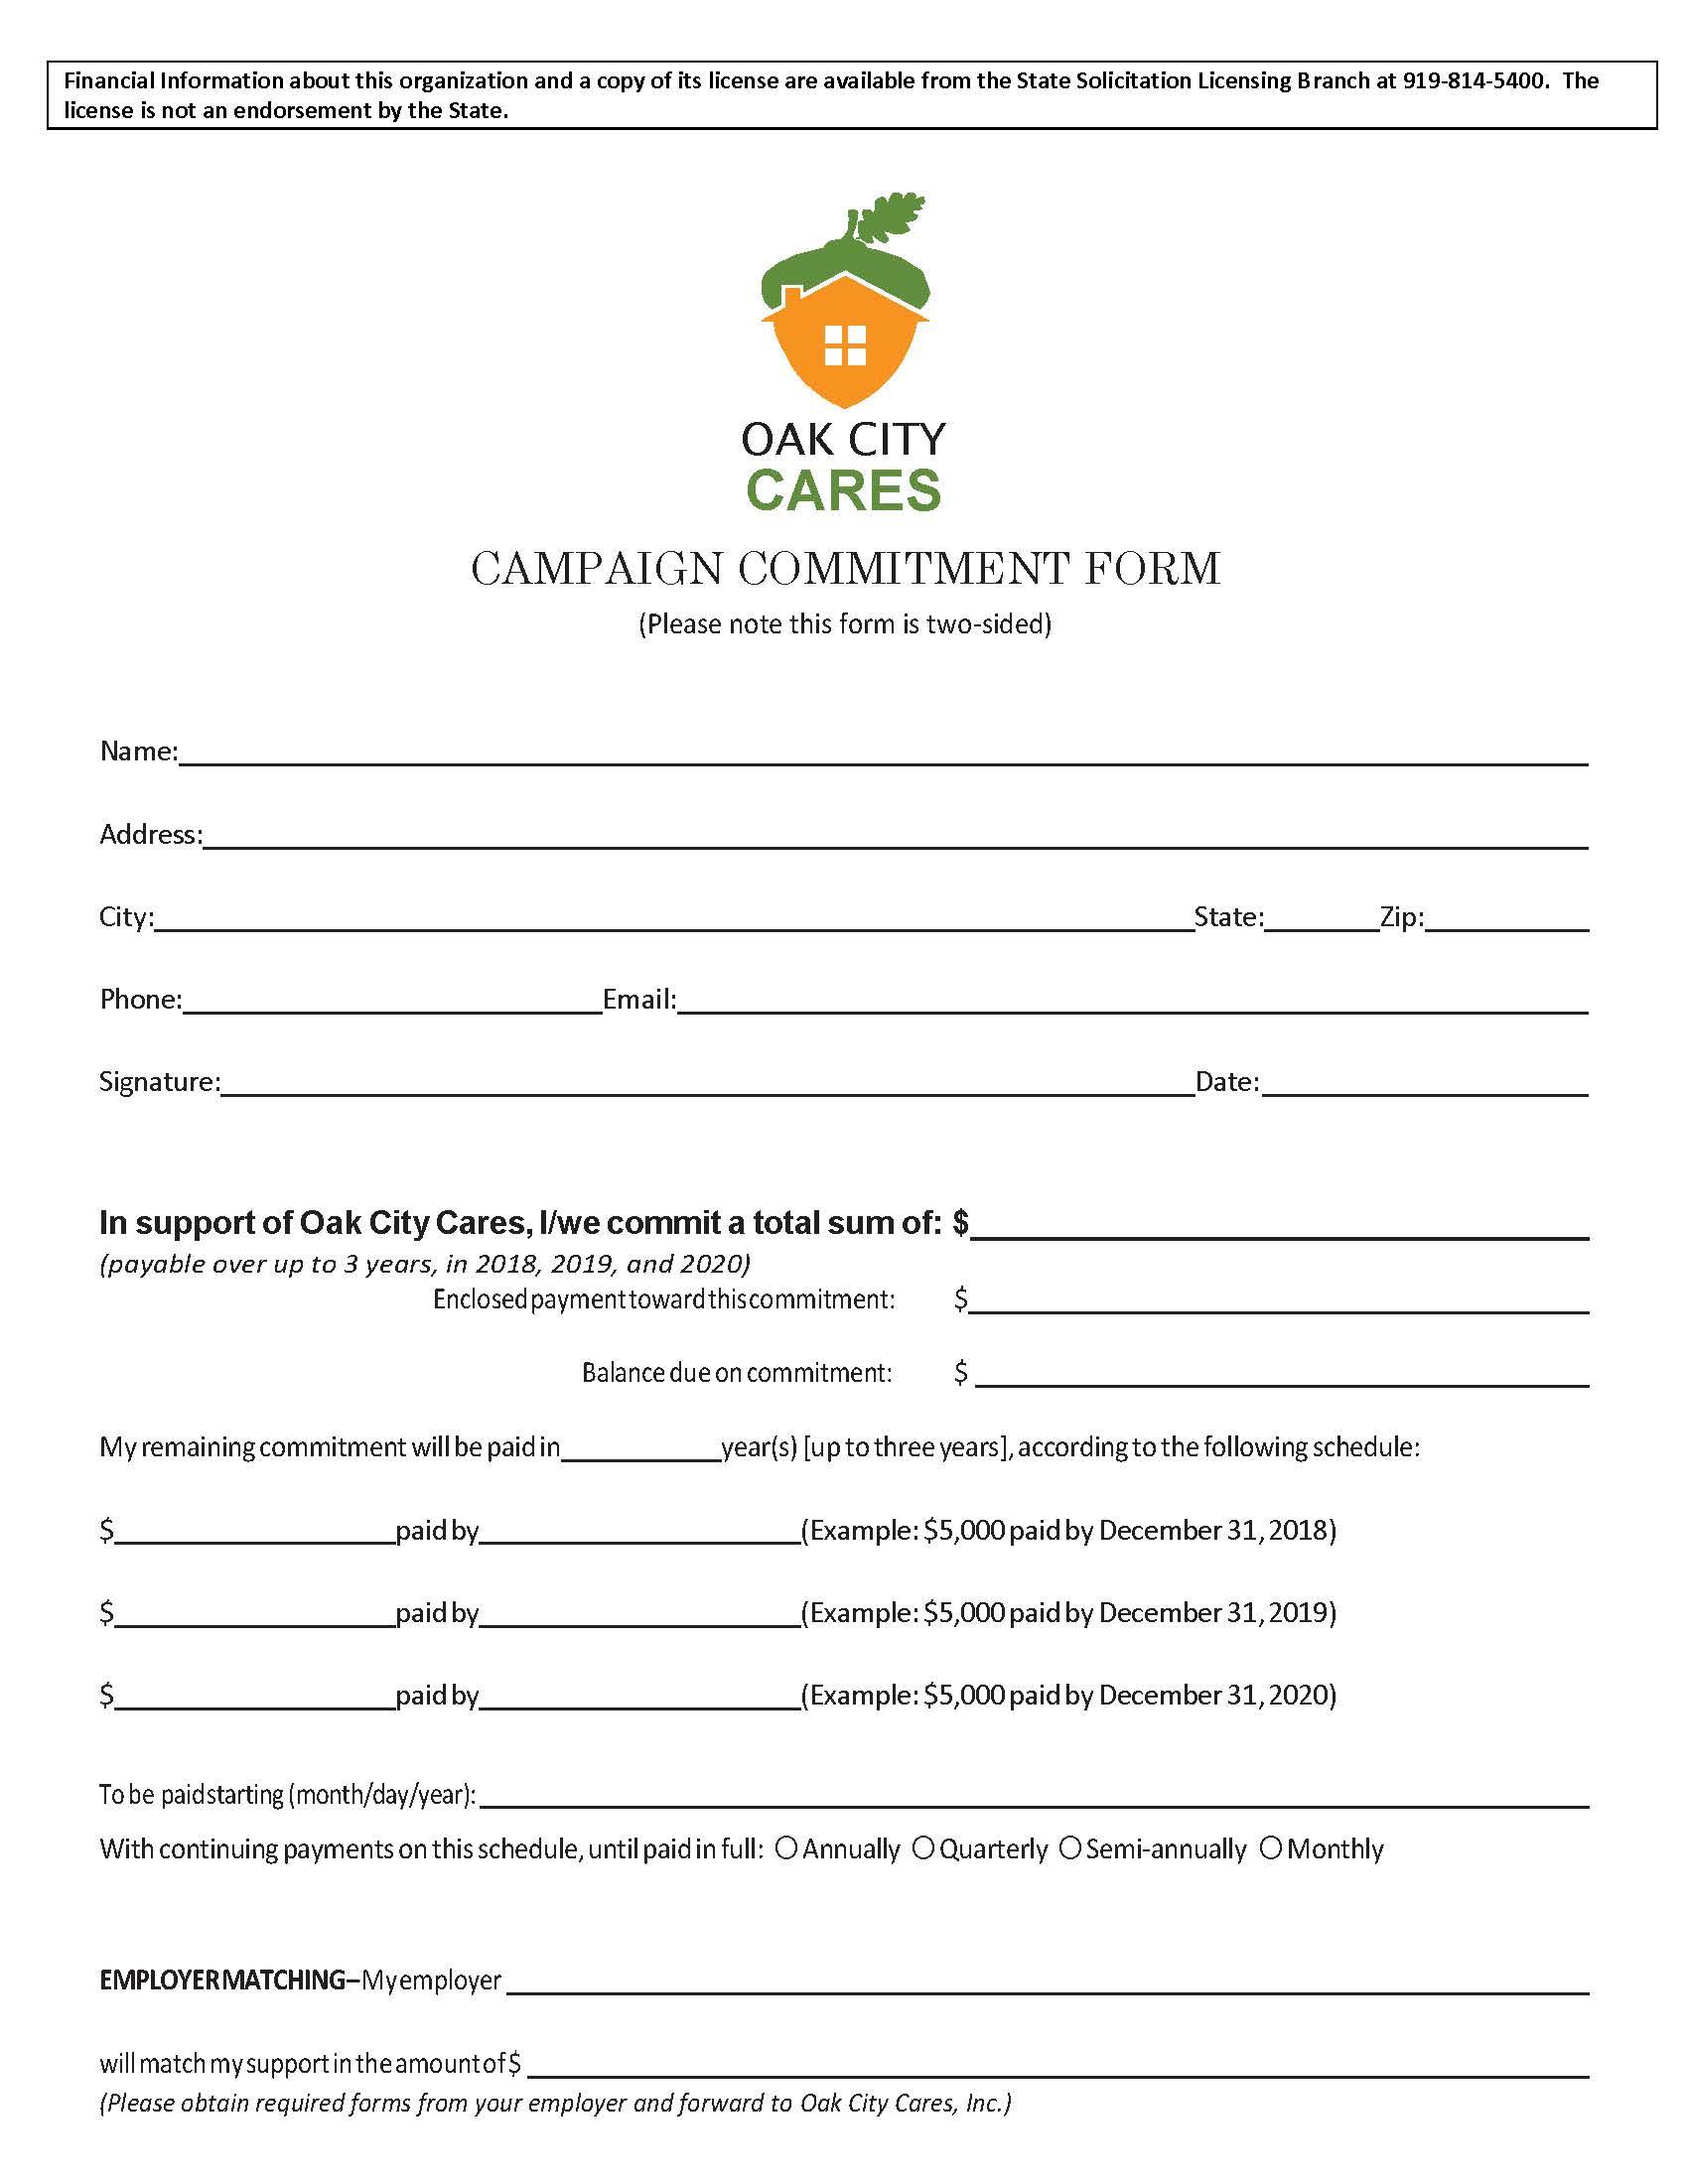 Oak City Cares Commitment Form